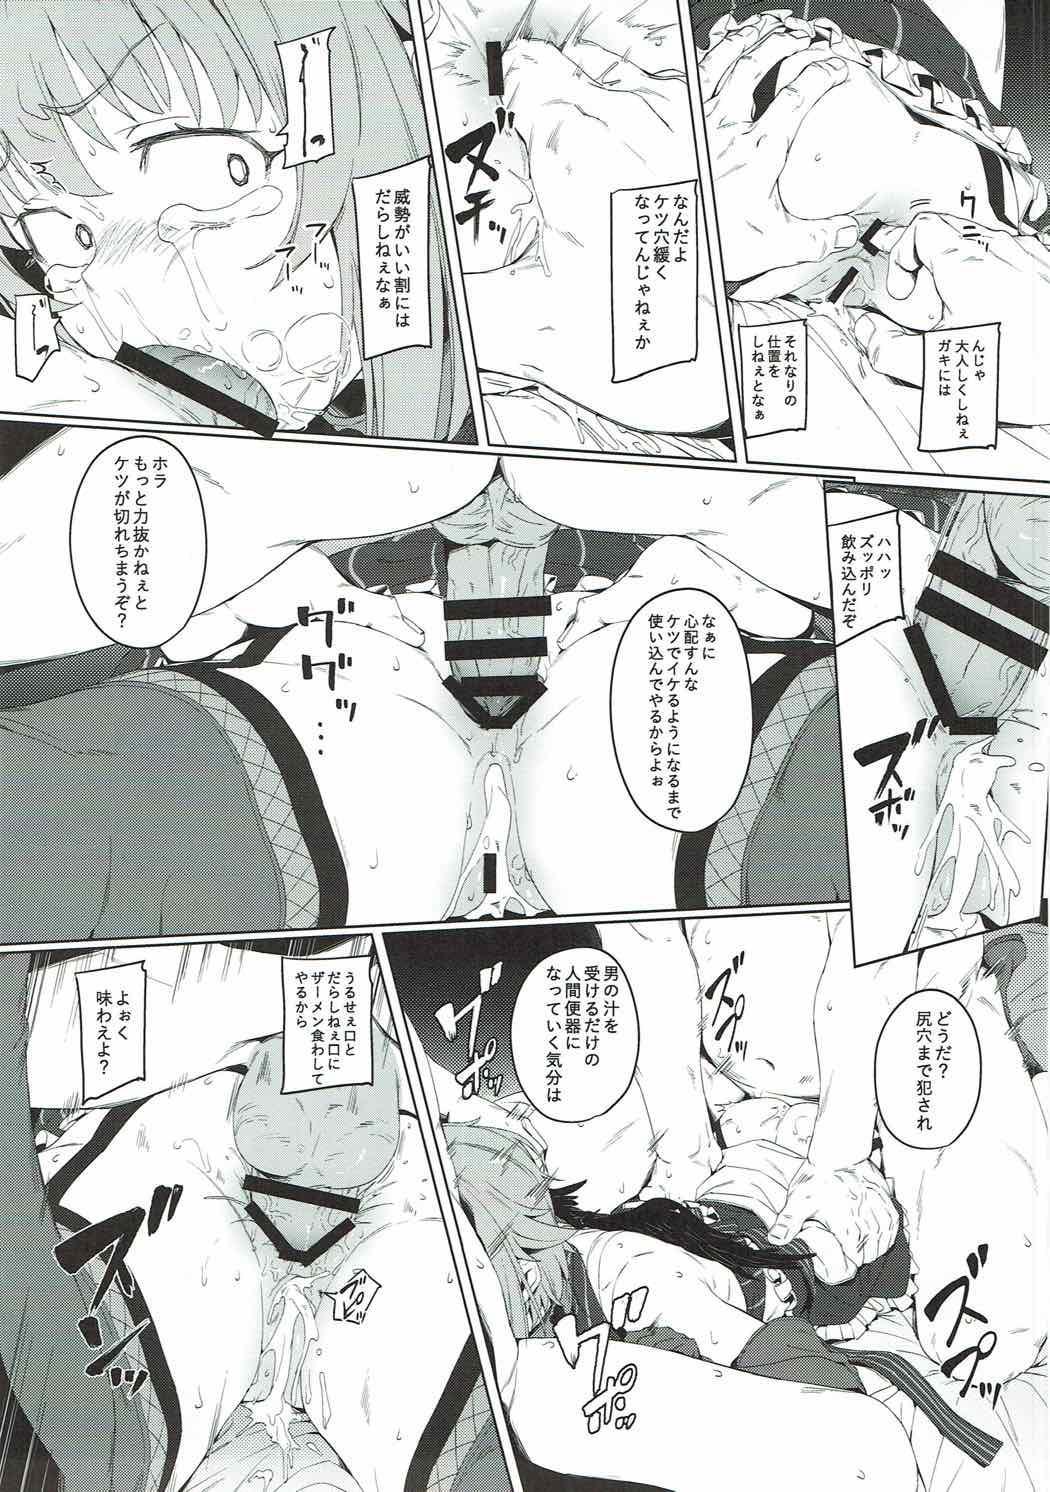 Bokutte Yappari Okasareteru Sugata mo Kawaii Desune 16